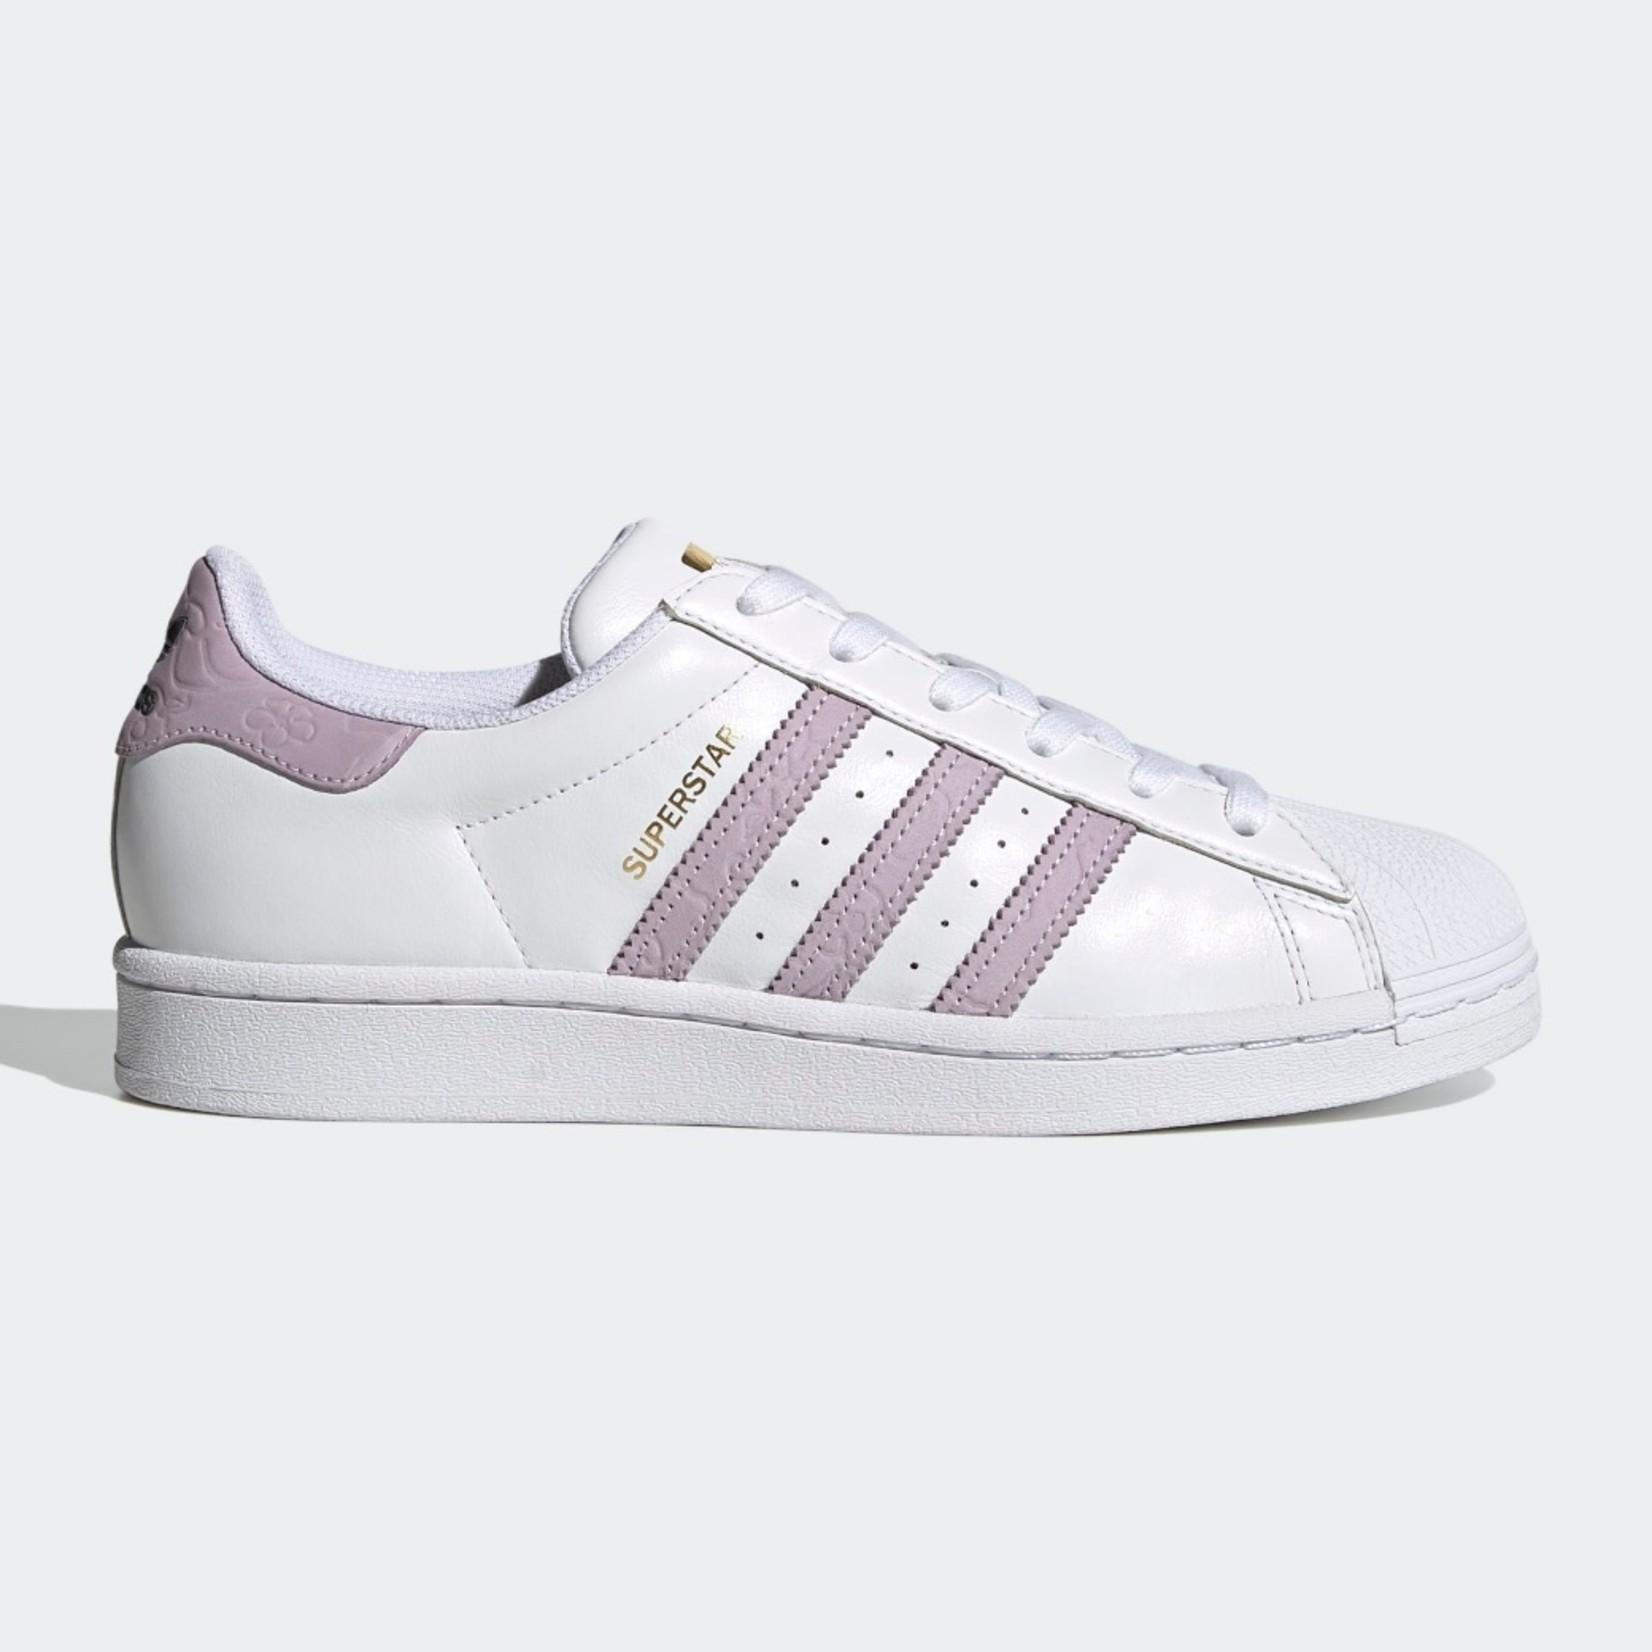 Adidas Superstar W Ftwwht/CBlack